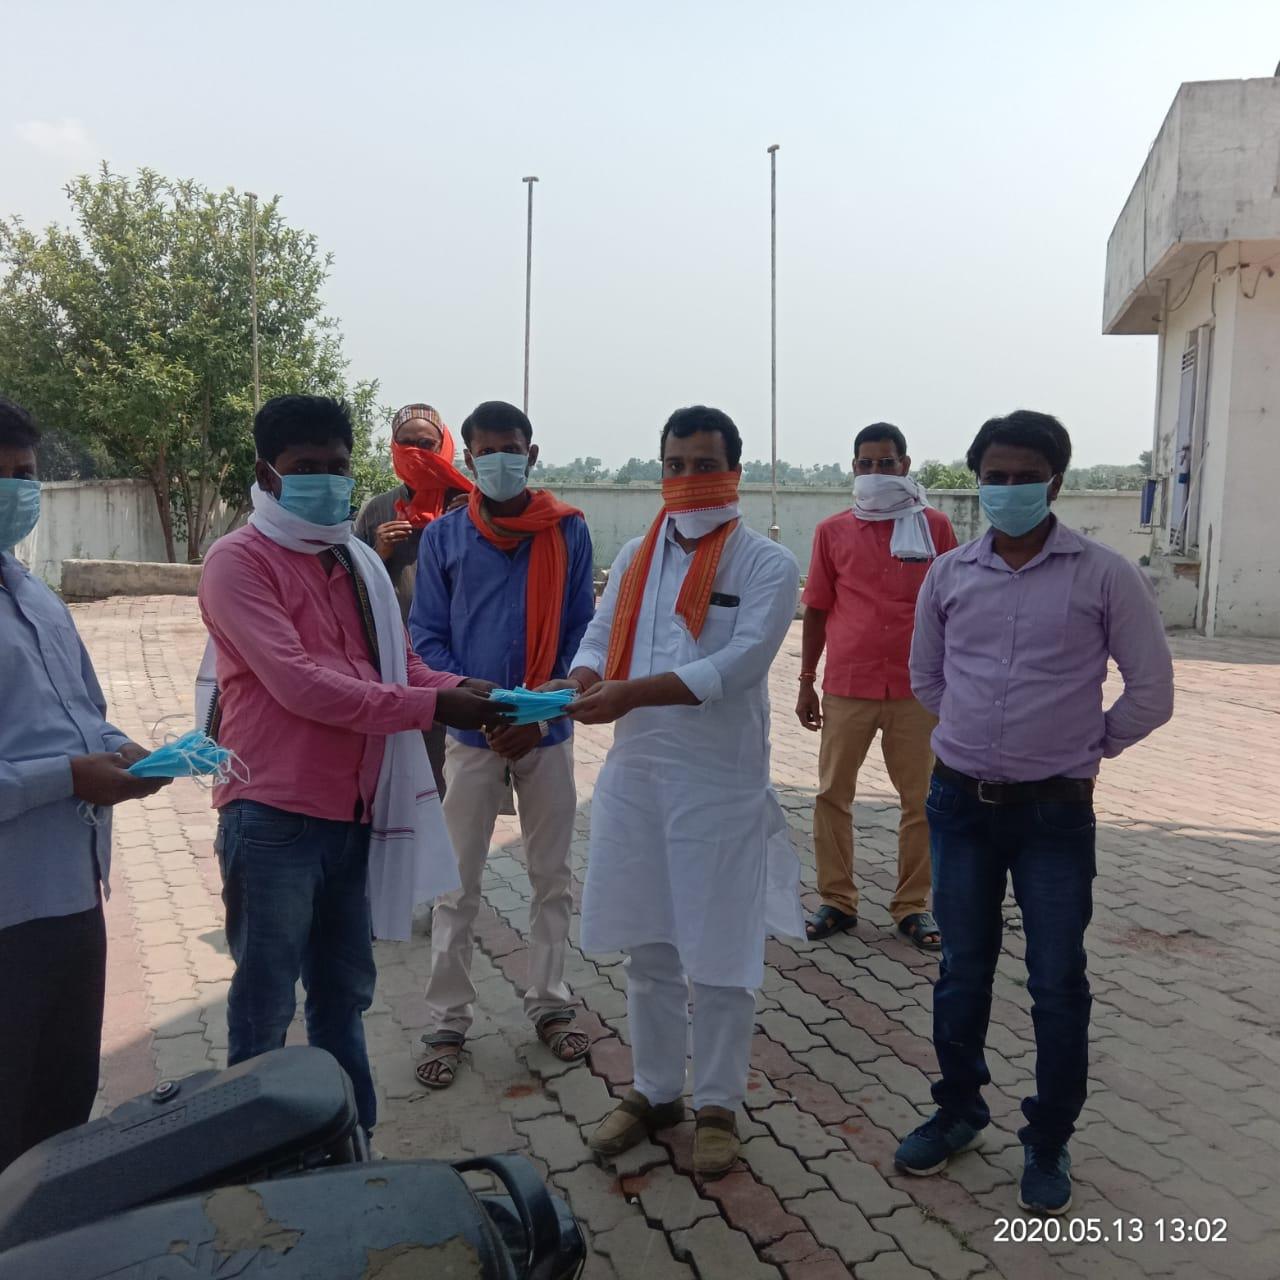 भाजपा नेता पंकज सिंह ने कोरोना को लेकर किया जागरूक, कोरोना योद्धाओं के बीच किया मास्क एवं सैनिटाइजर का वितरण